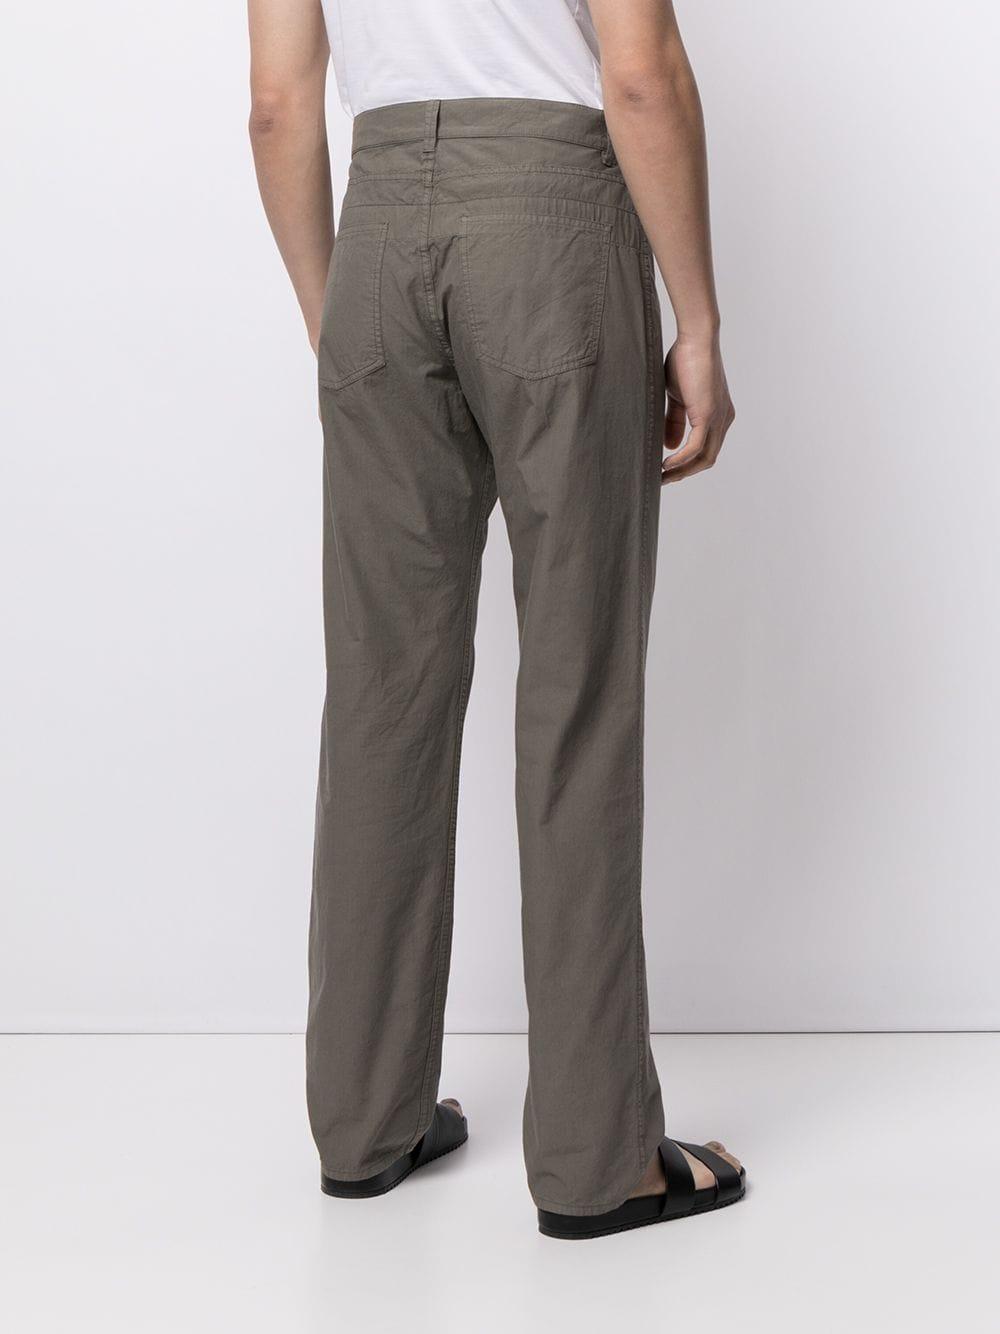 Lemaire pantaloni a gamba dritta uomo LEMAIRE | Pantaloni | 211 PA167 LF288949